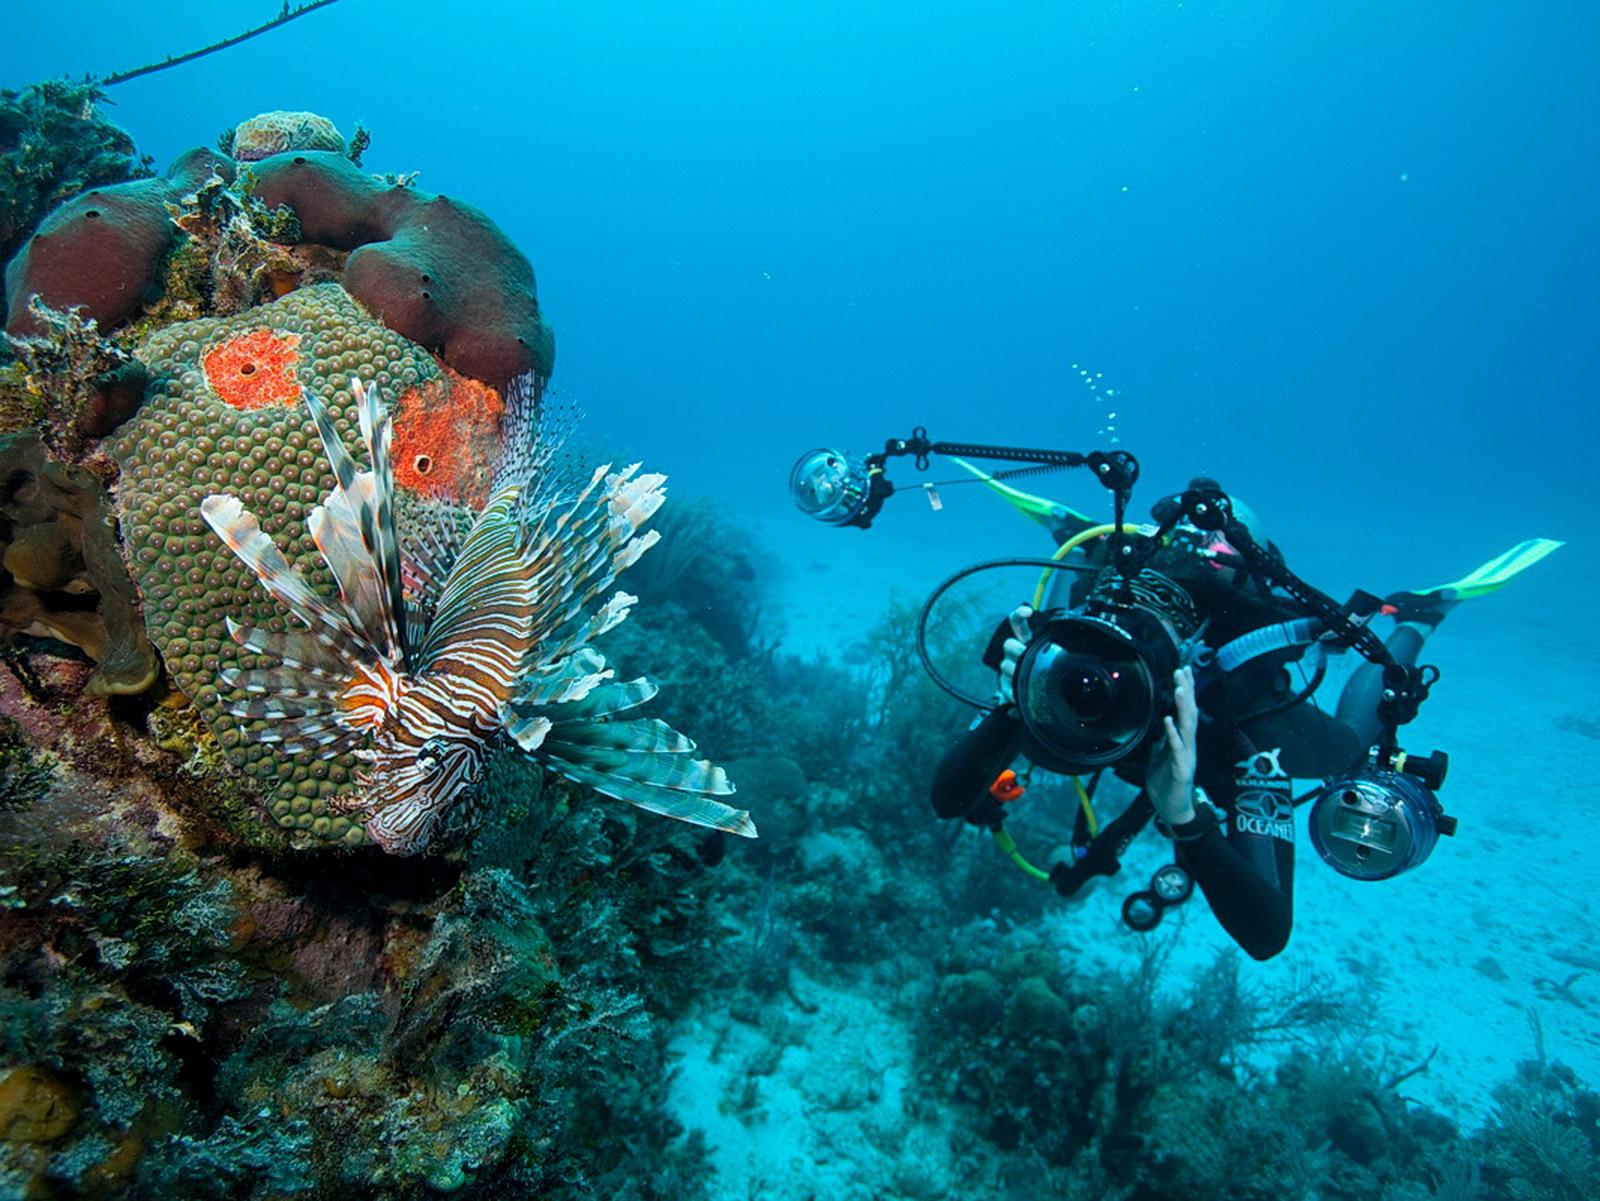 Taucher mit Unterwasserkamera mit Fisheye